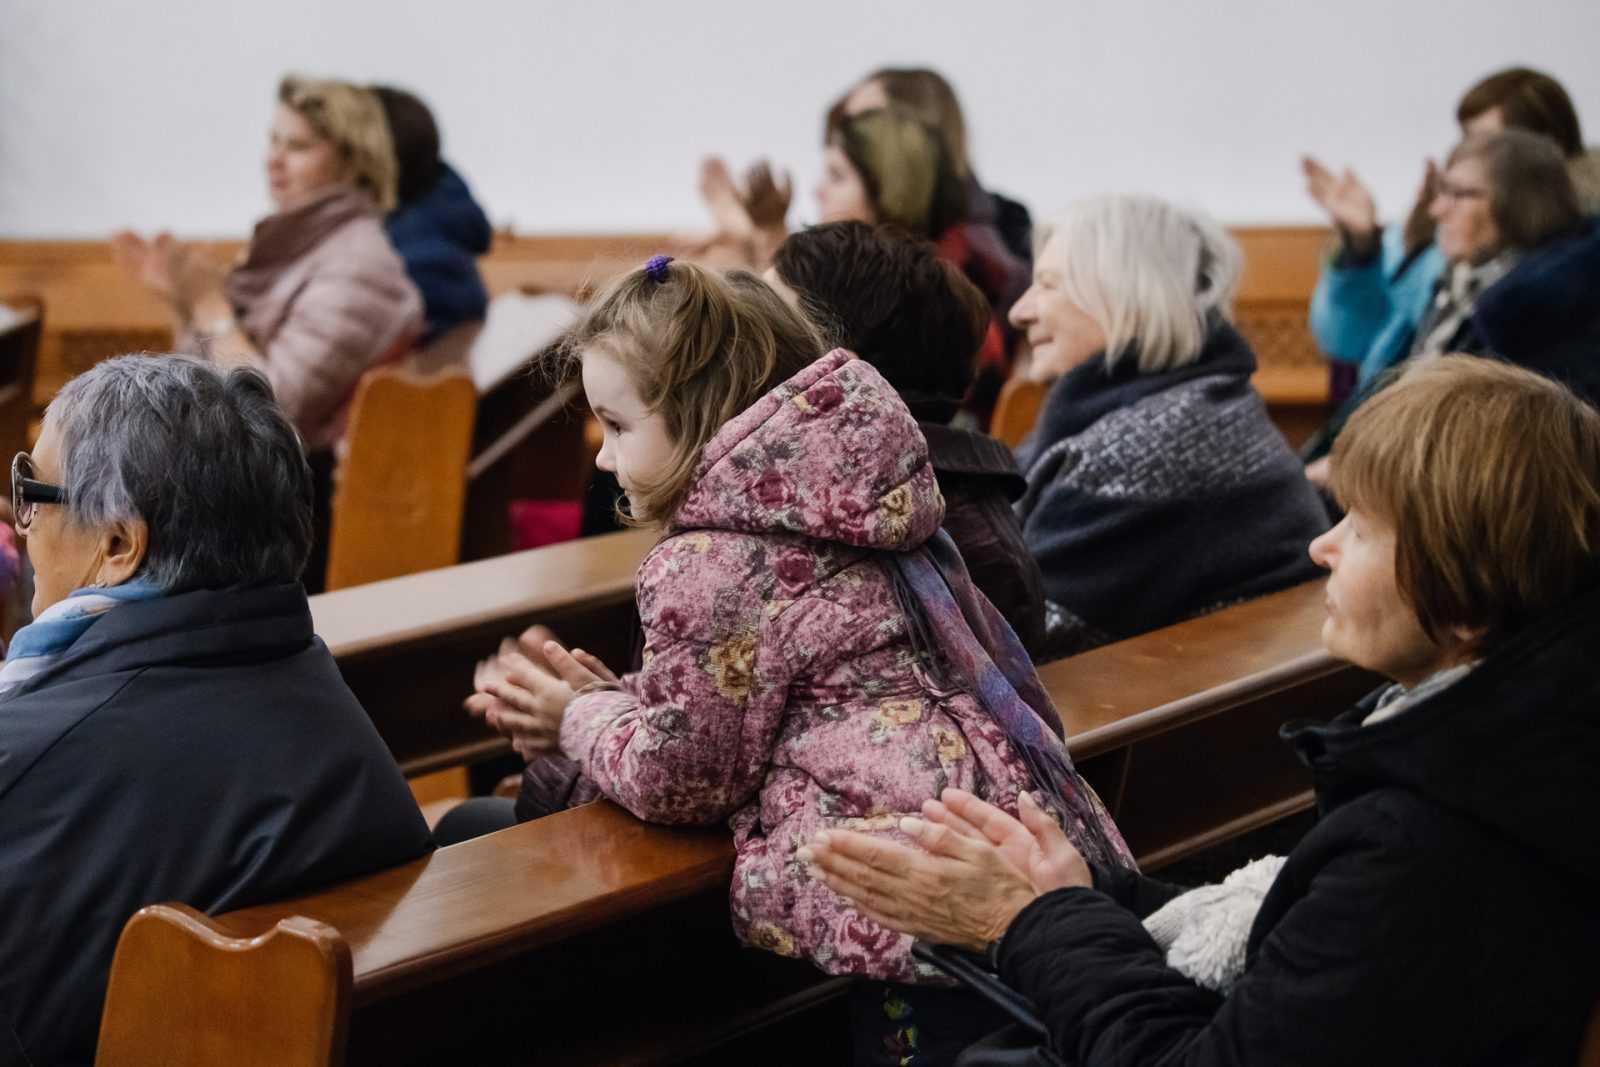 Музыка в храме КОНЦЕРТ «МАСТЕРА БАРОККО» 26.10.2019 40